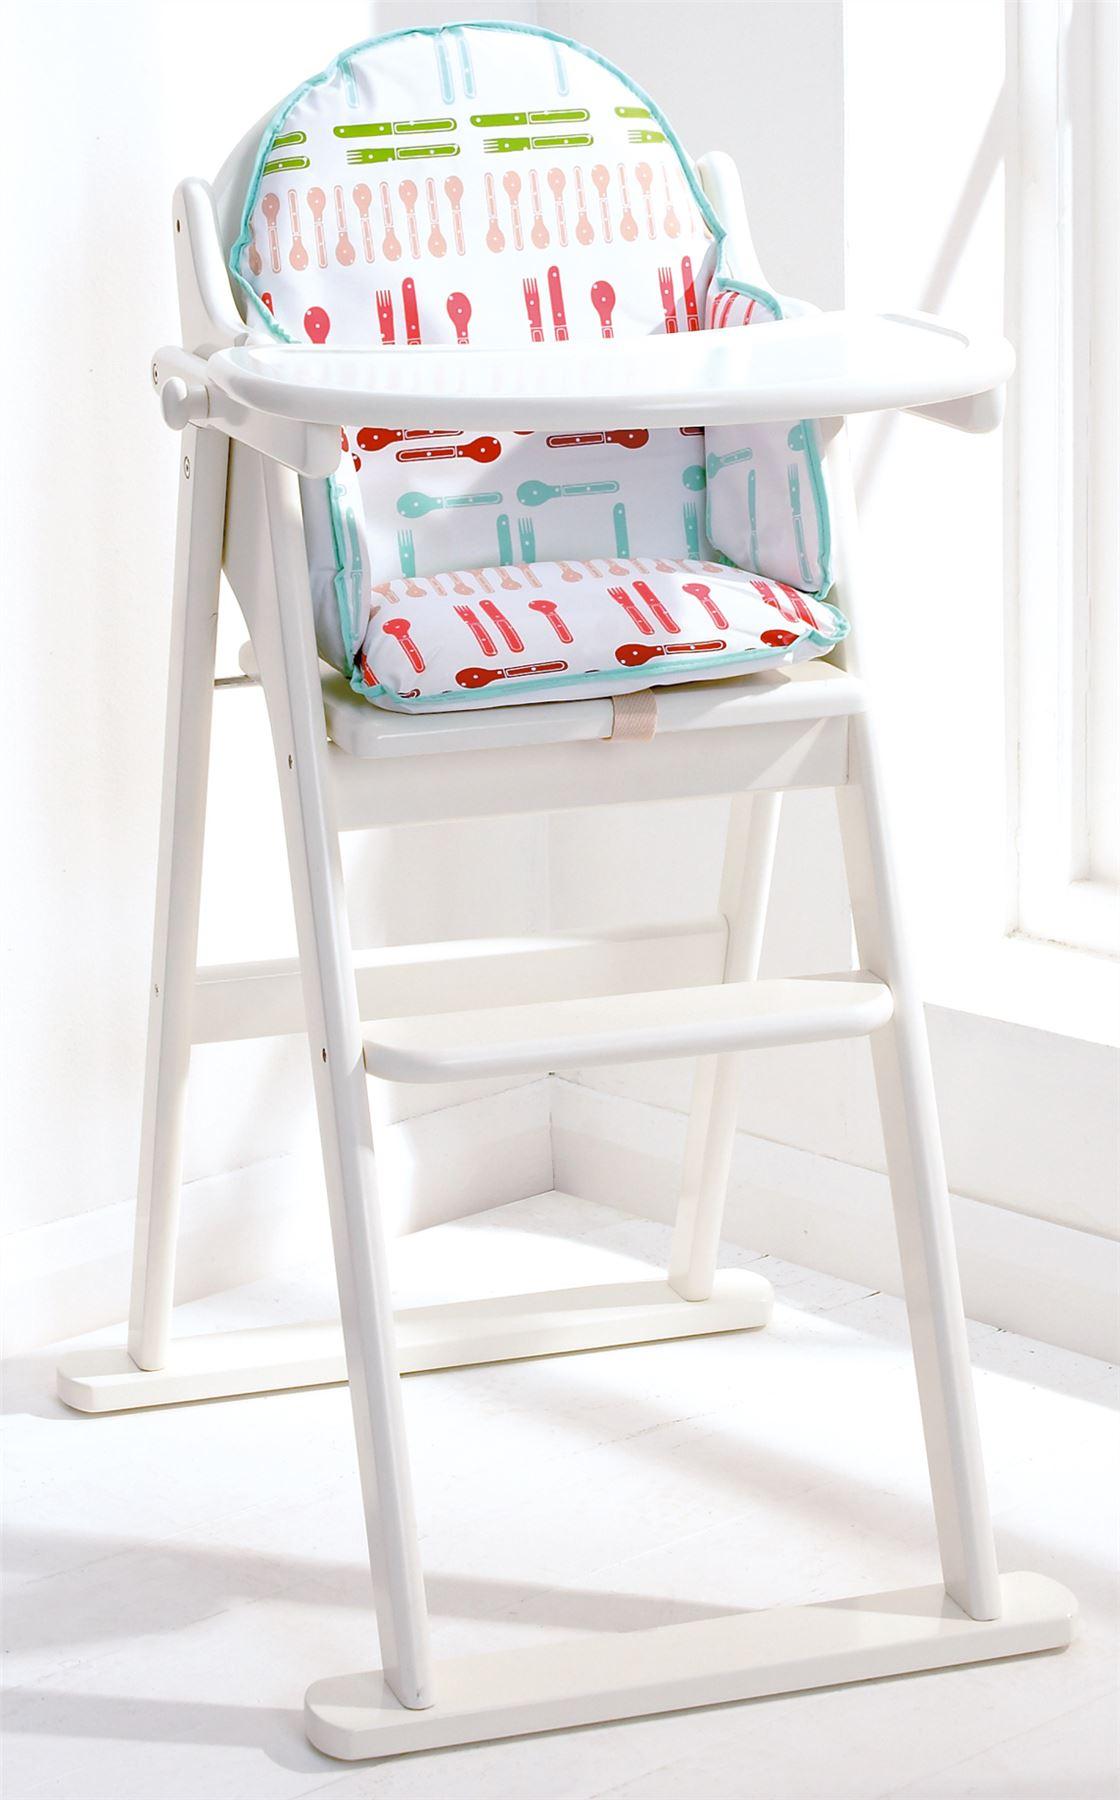 East coast silla alta plegable madera s lida ni o - Silla alta plegable ...